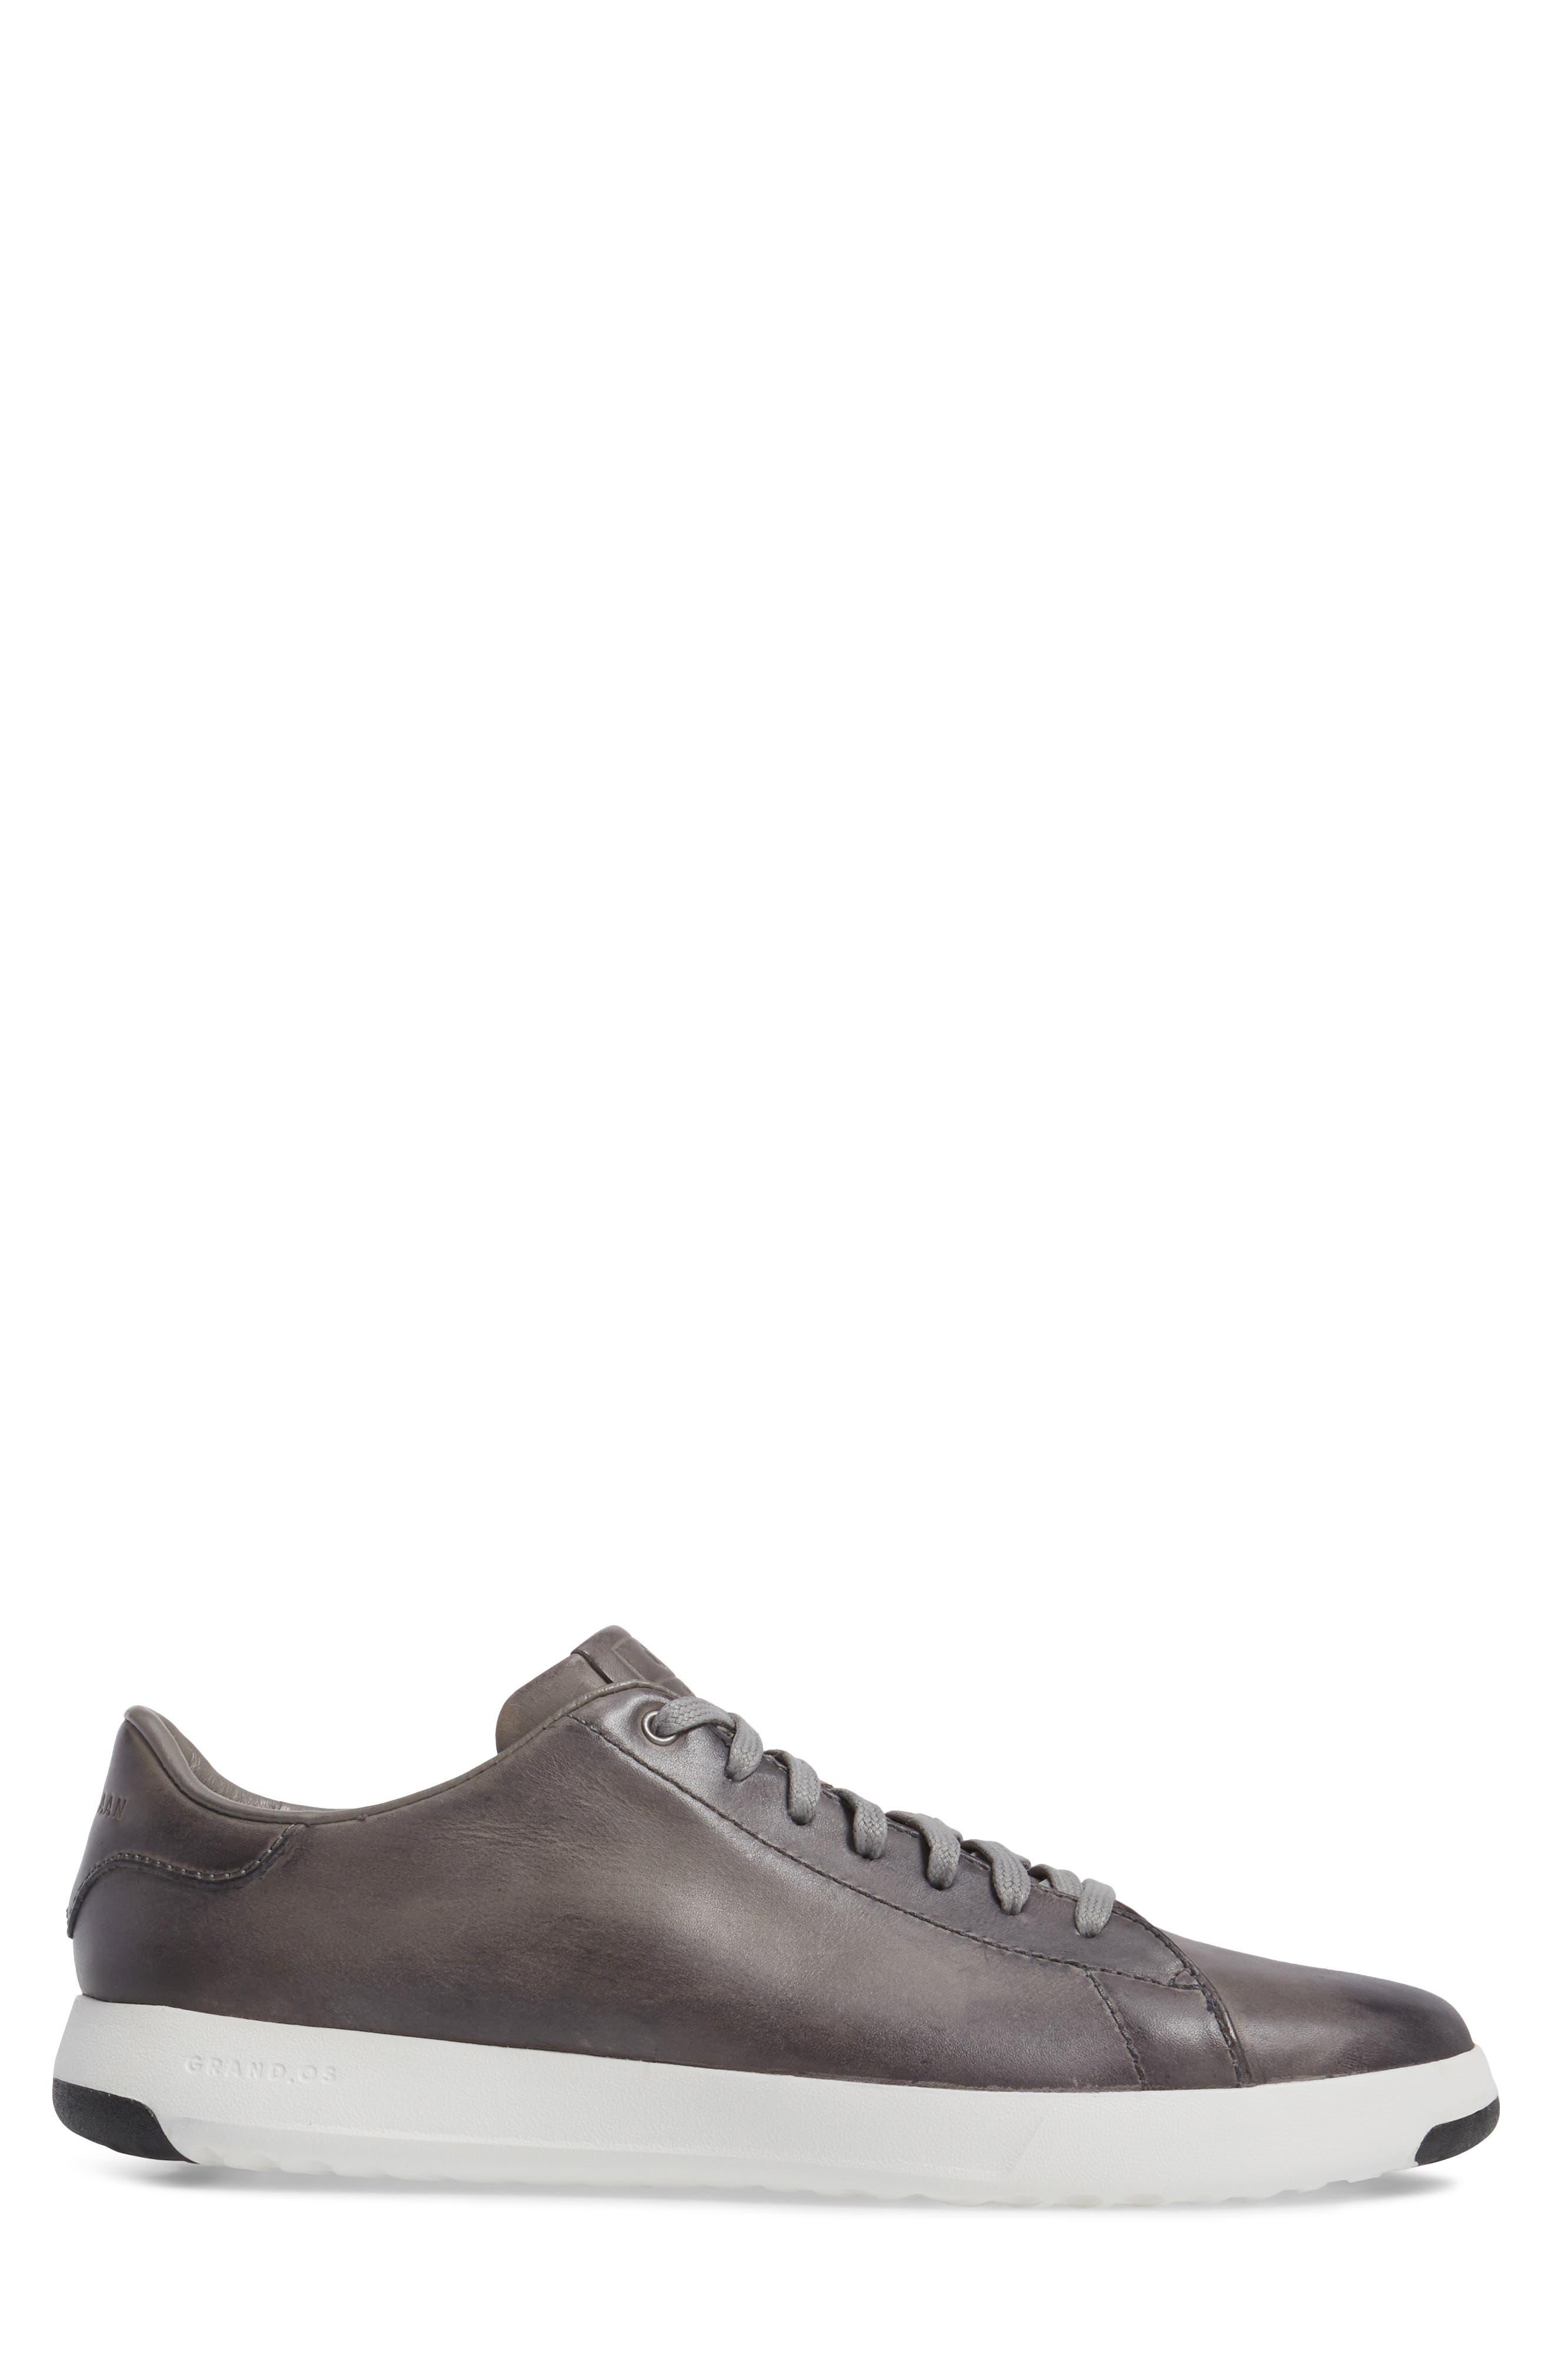 GrandPro Tennis Sneaker,                             Alternate thumbnail 3, color,                             IRONSTONE GRAY HANDSTAIN